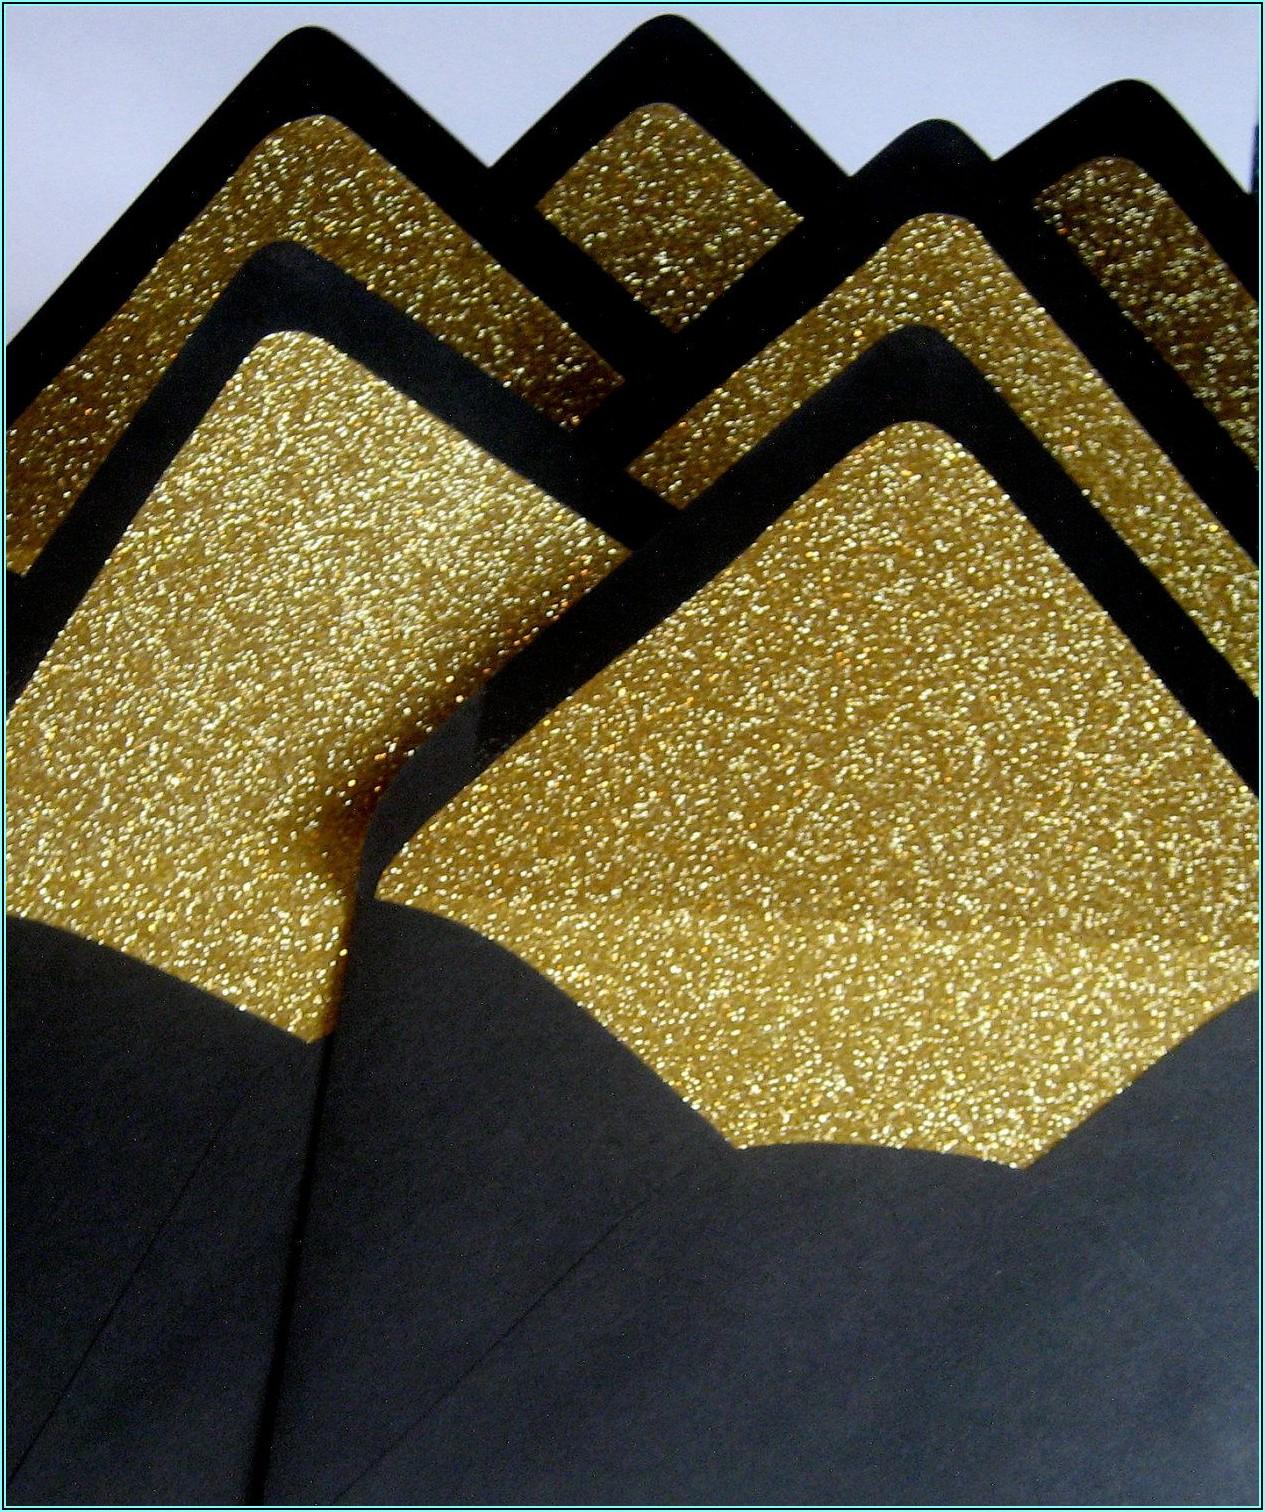 Gold Glitter Lined Envelopes